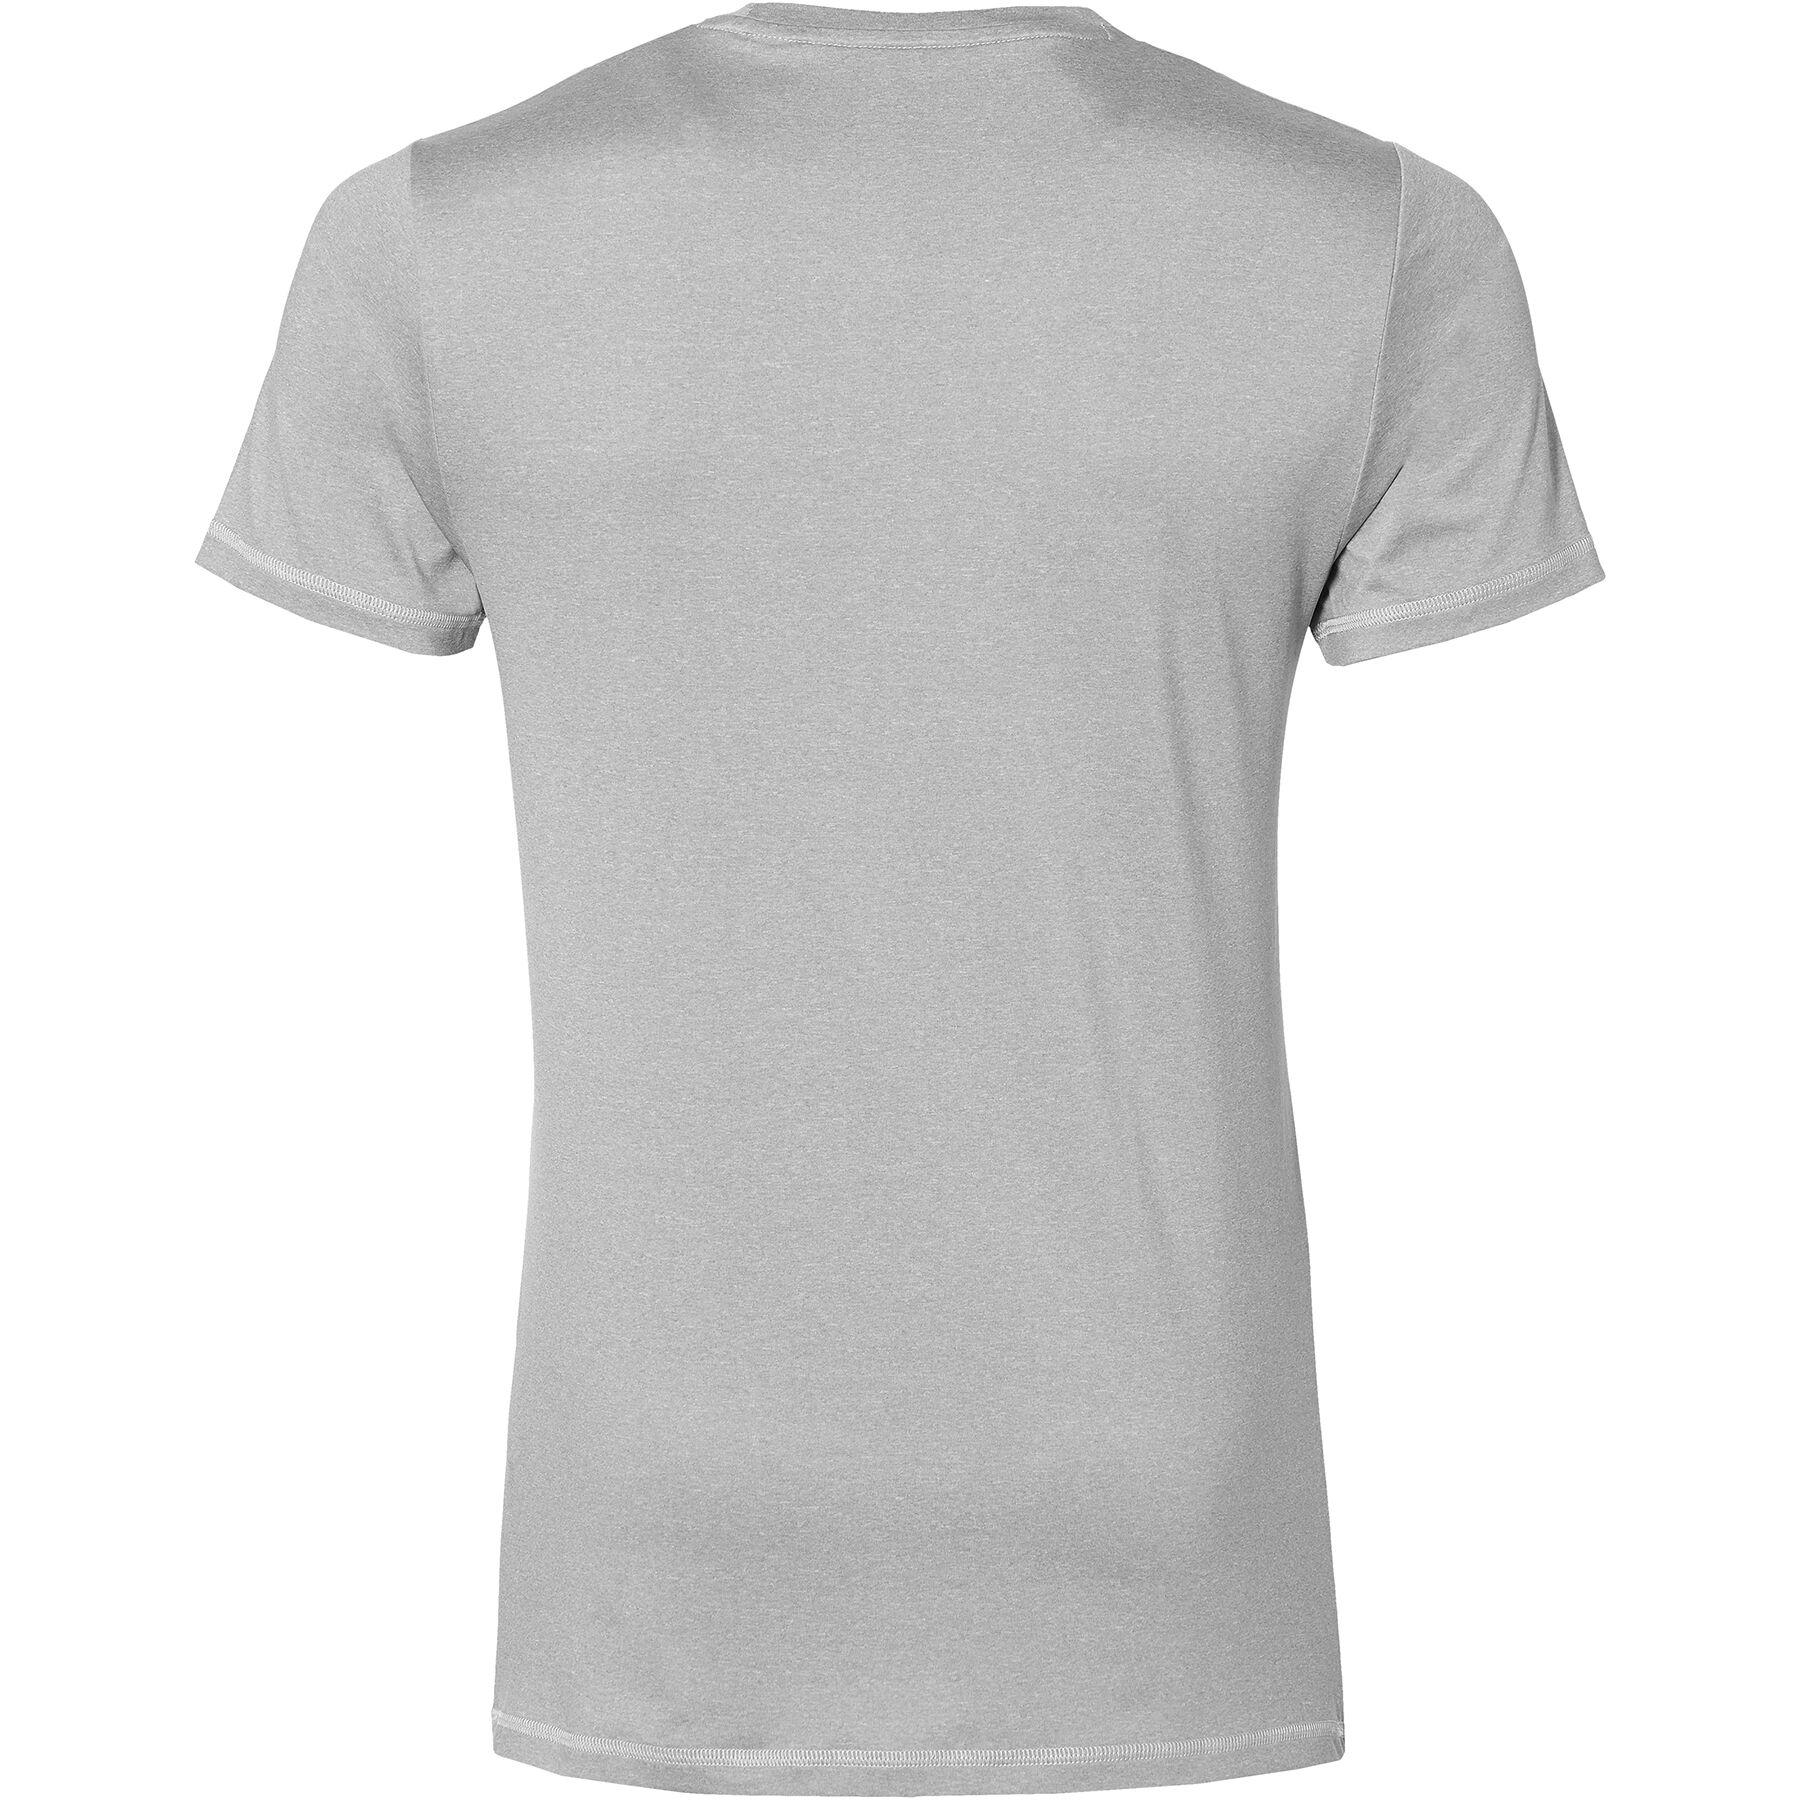 De Nouveaux Styles Prix Pas Cher O'Neill - Re-Issue Hybrid - T-shirt de surfeur - Noir Mieux En Ligne Vente Footlocker Manchester La Sortie En Ligne Pas Cher tTv4B8yotI